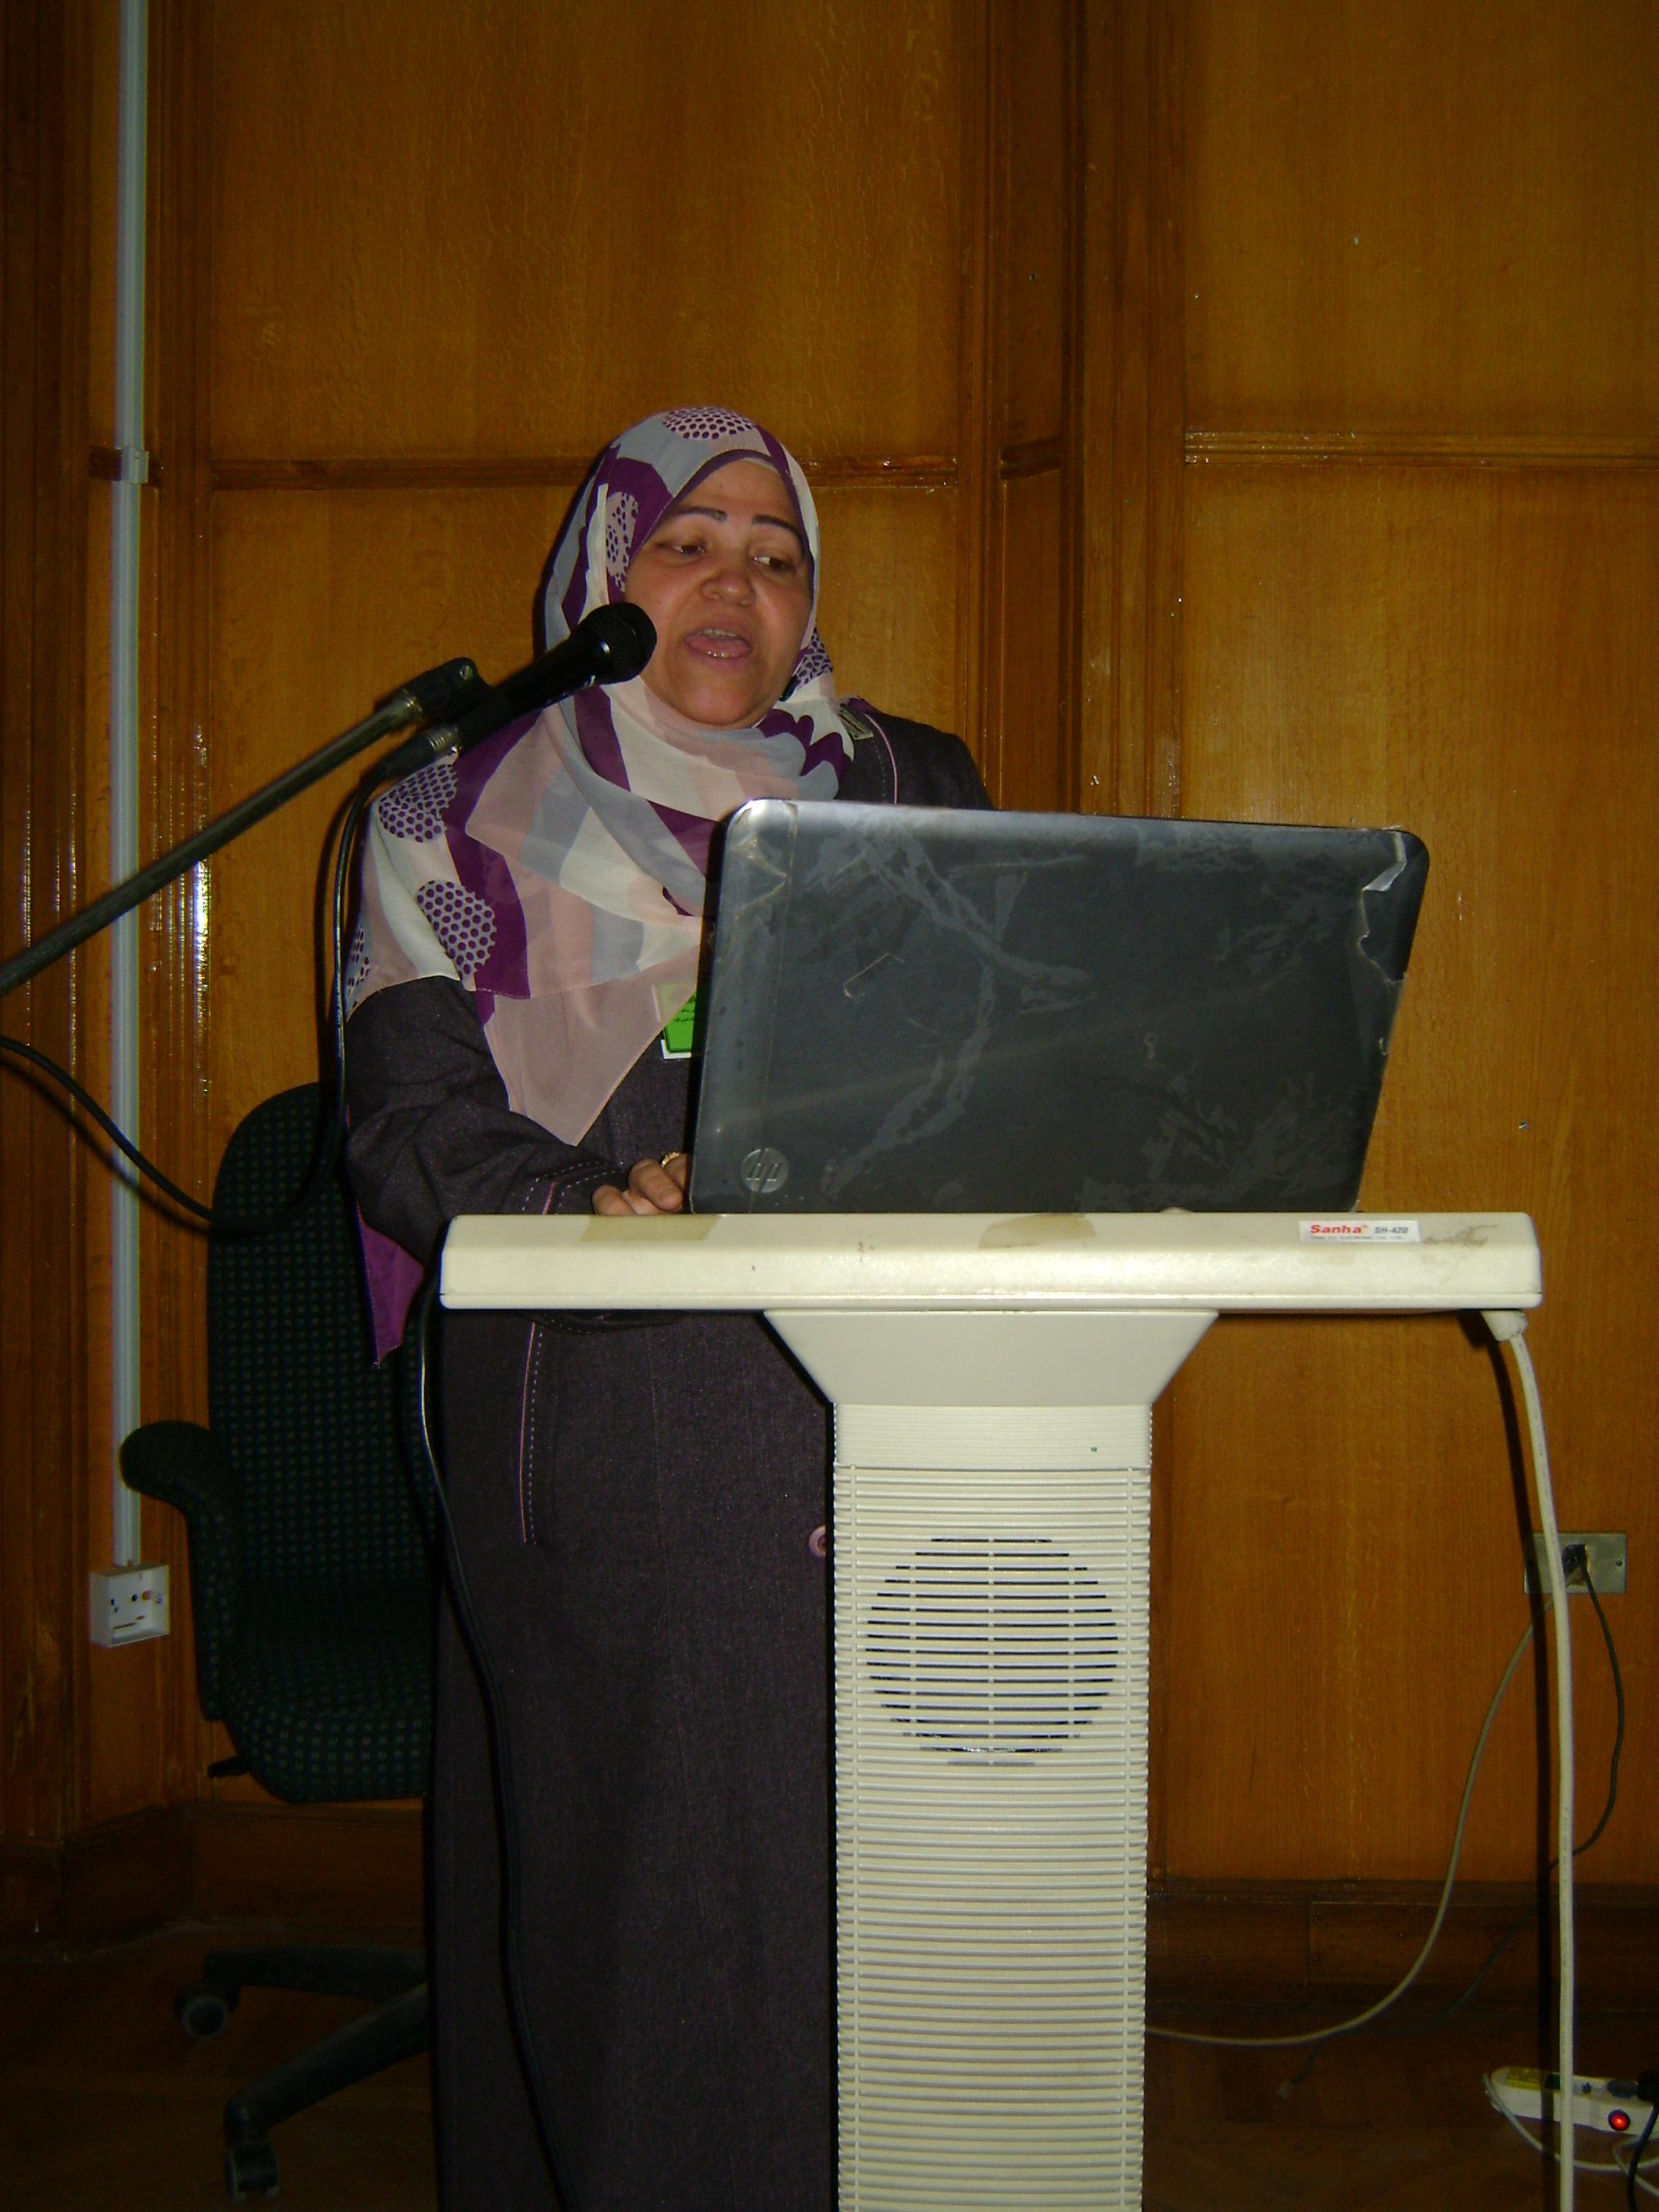 يهنئون الاستاذة الدكتورة / قاطمة جودة متولى بمناسبة حصولها على درجة استاذ م